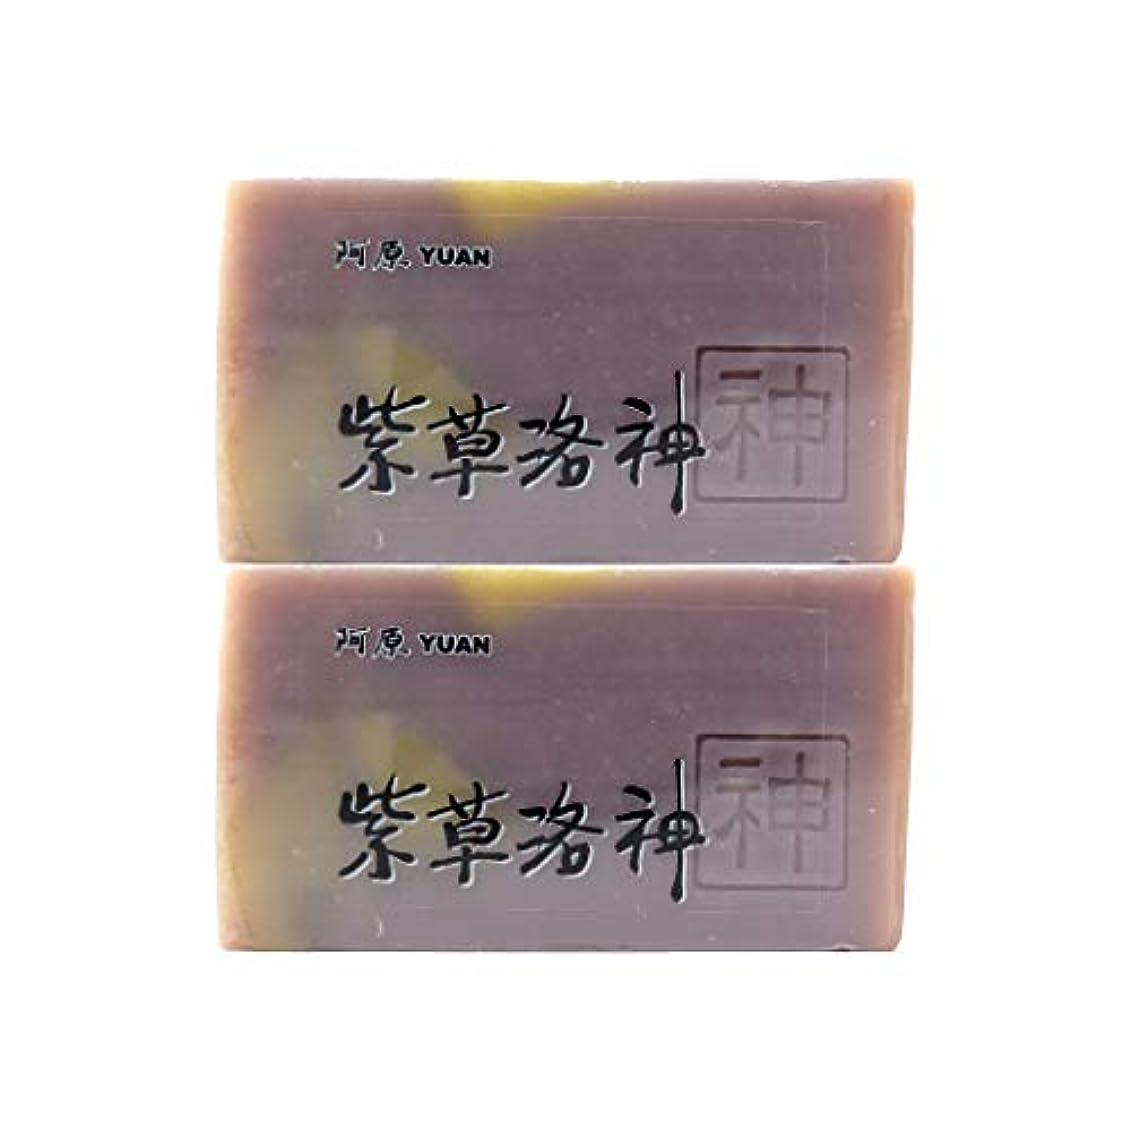 ひどく青写真お気に入りユアン(YUAN) ハイビスカスソープ 100g (2個セット)